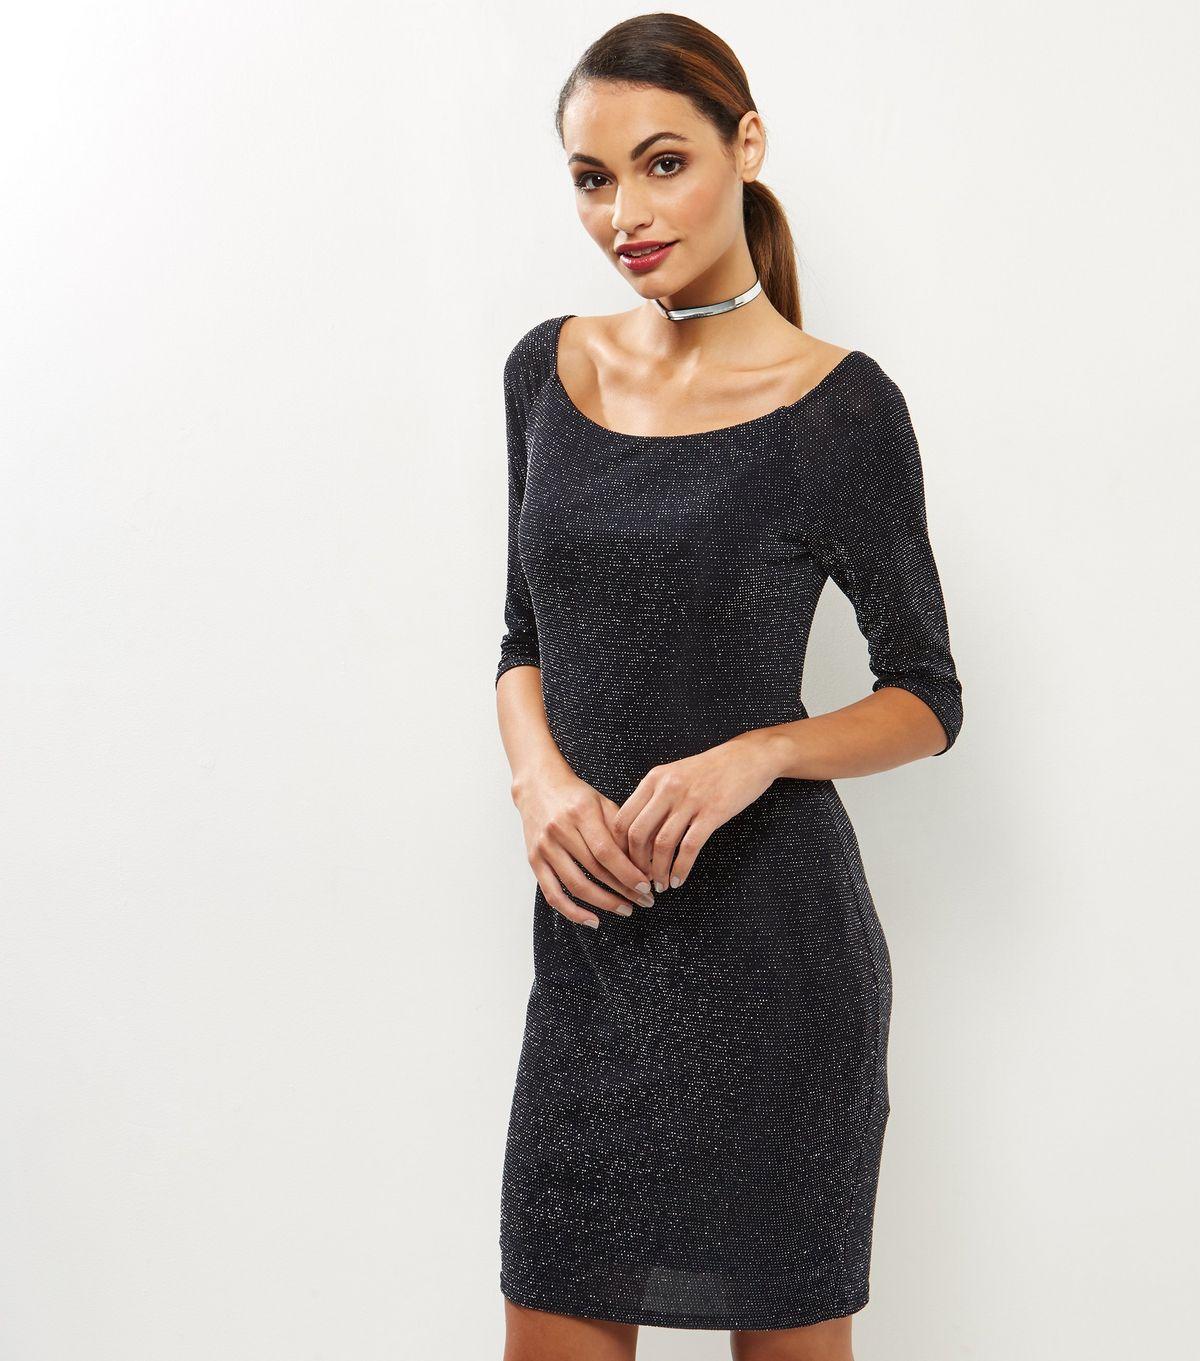 http://media.newlookassets.com/i/newlook/502930509/womens/tall/dresses/tall-black-dot-print-bardot-neck-dress/?$new_pdp_szoom_image_1200$